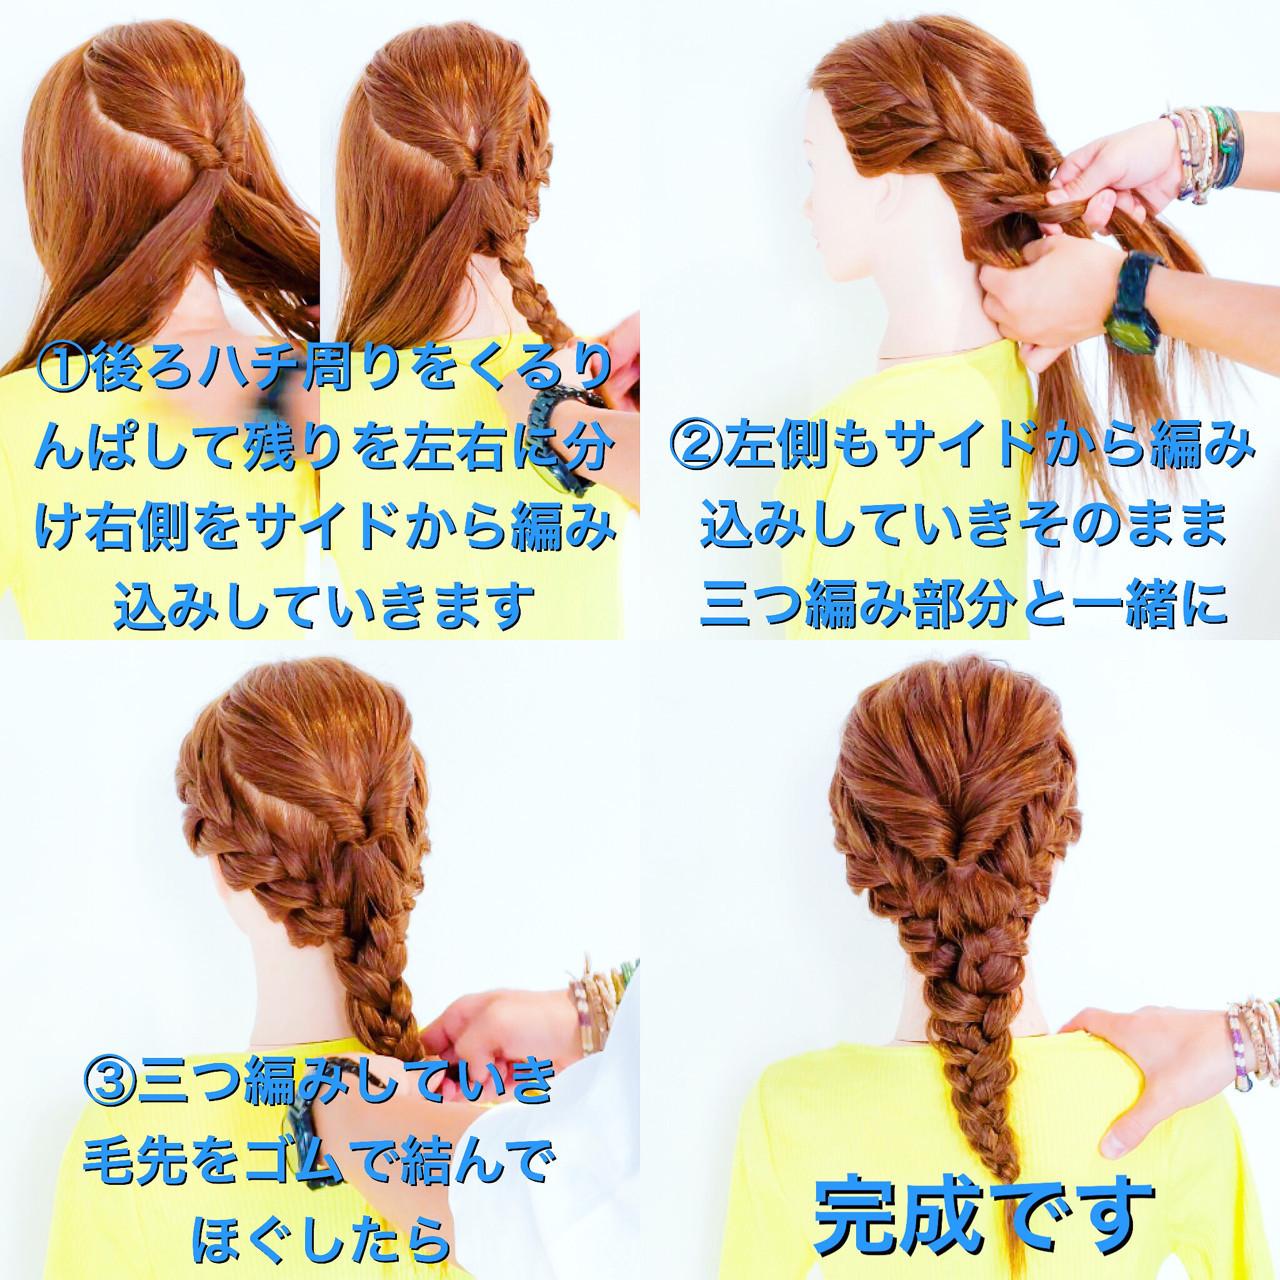 ラプンツェル風♪立体三つ編みおろしアレンジ 美容師 HIRO  Amoute/アムティ